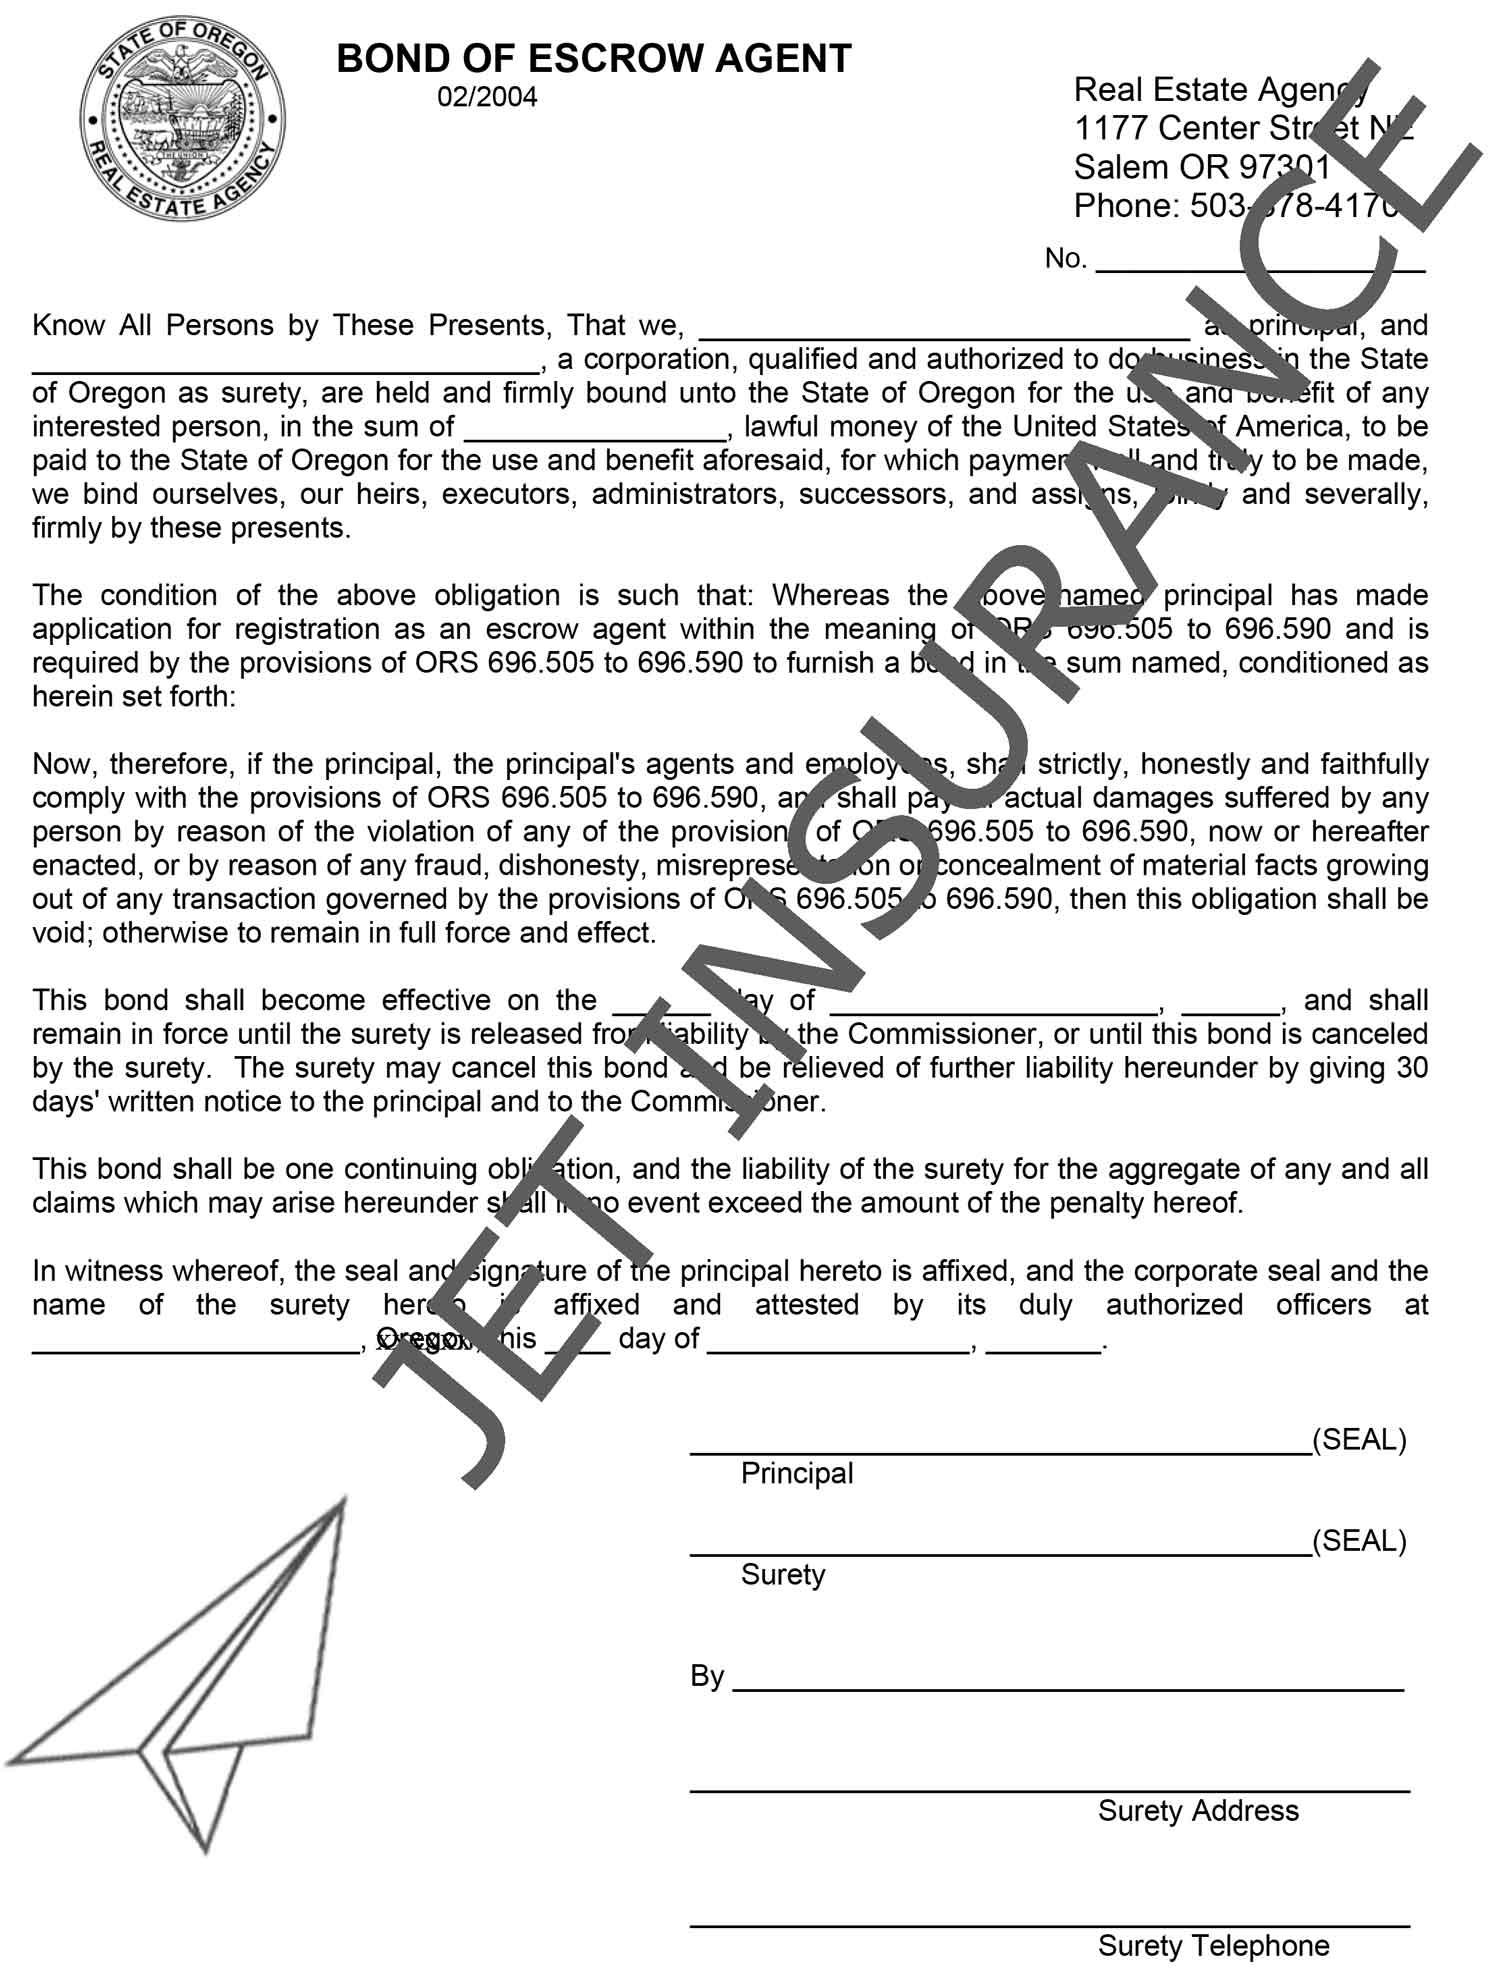 Oregon Escrow Agent Bond Form